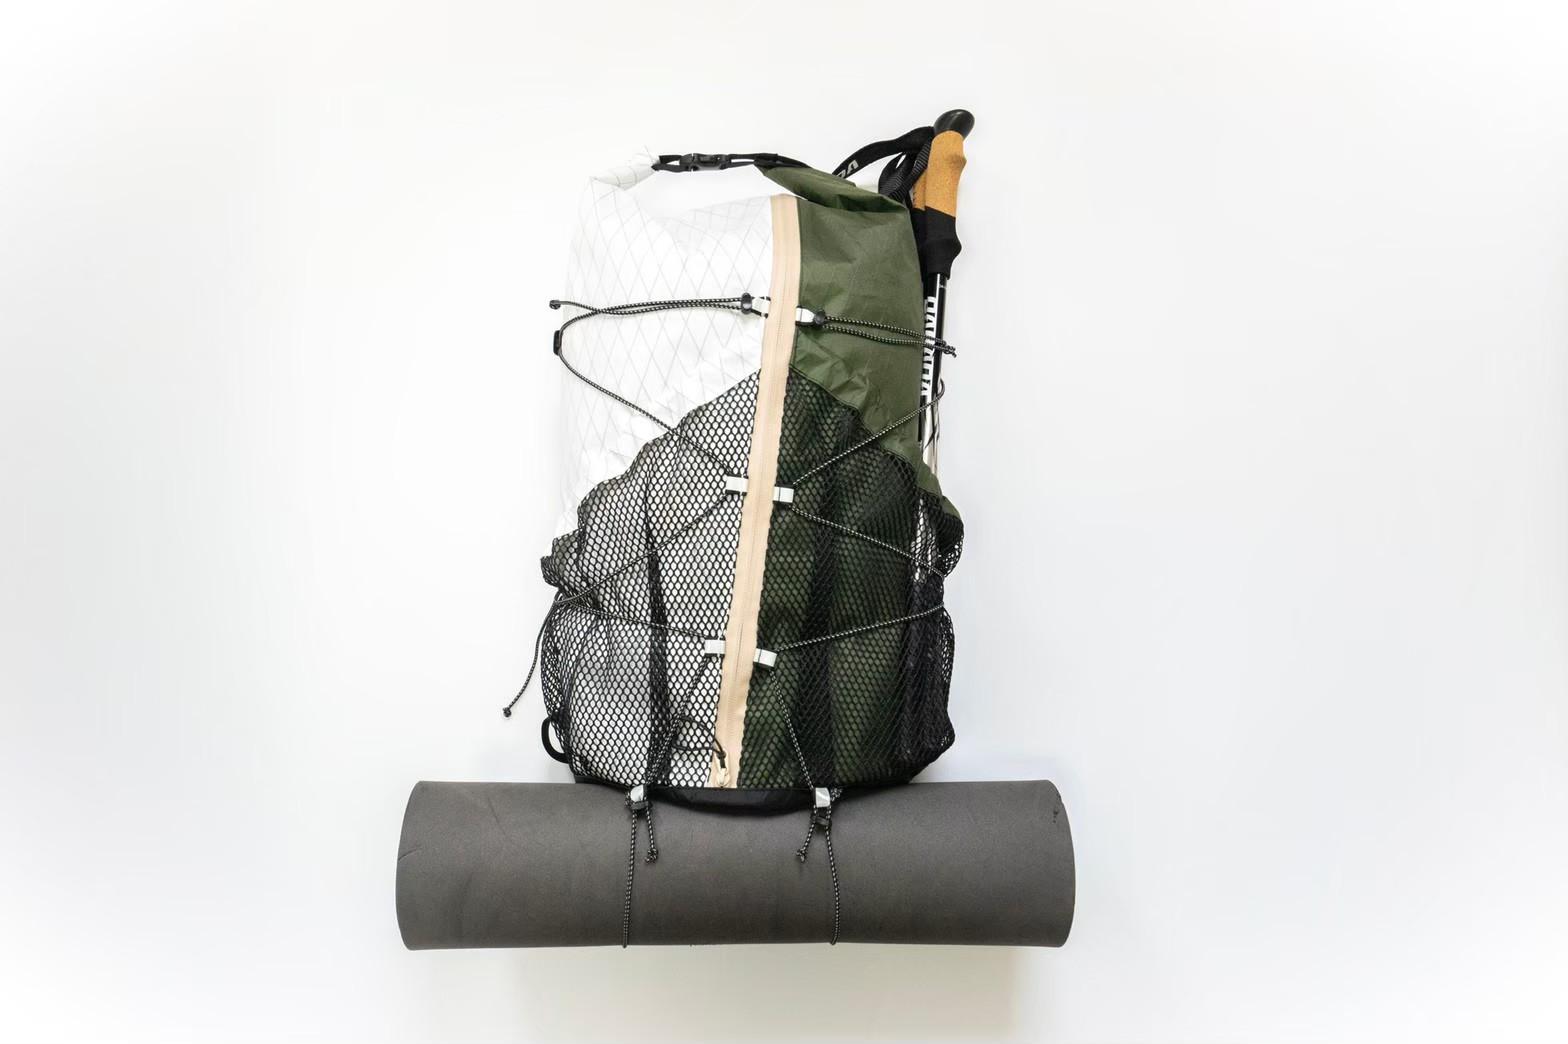 好きを形に!僕たちが考えた最高のバックパック『I.D.backpack』